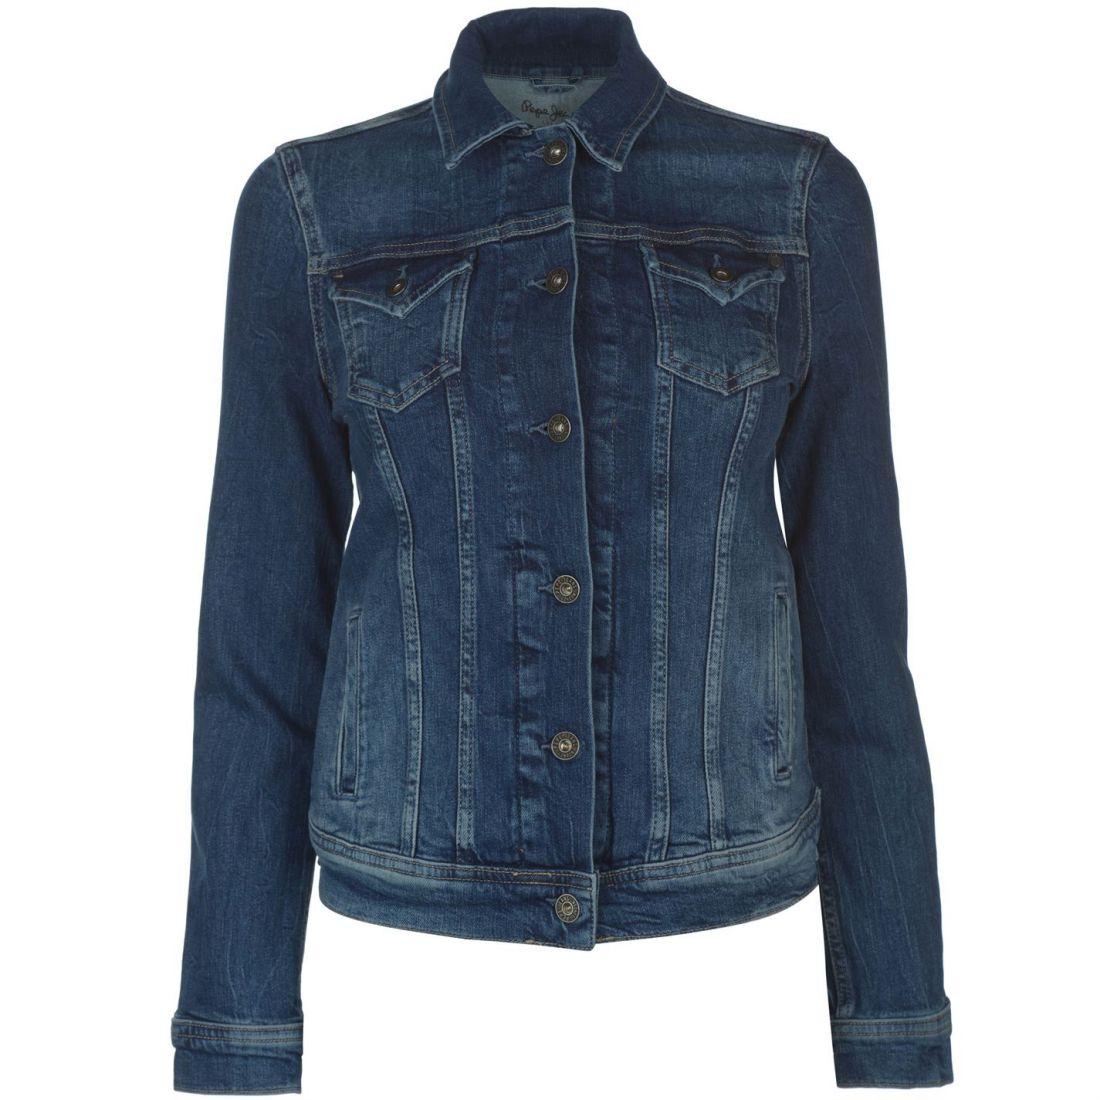 86de34f1da Details about Pepe Jeans Womens Denim Jacket Coat Top Button Placket Chest  Pocket Fold